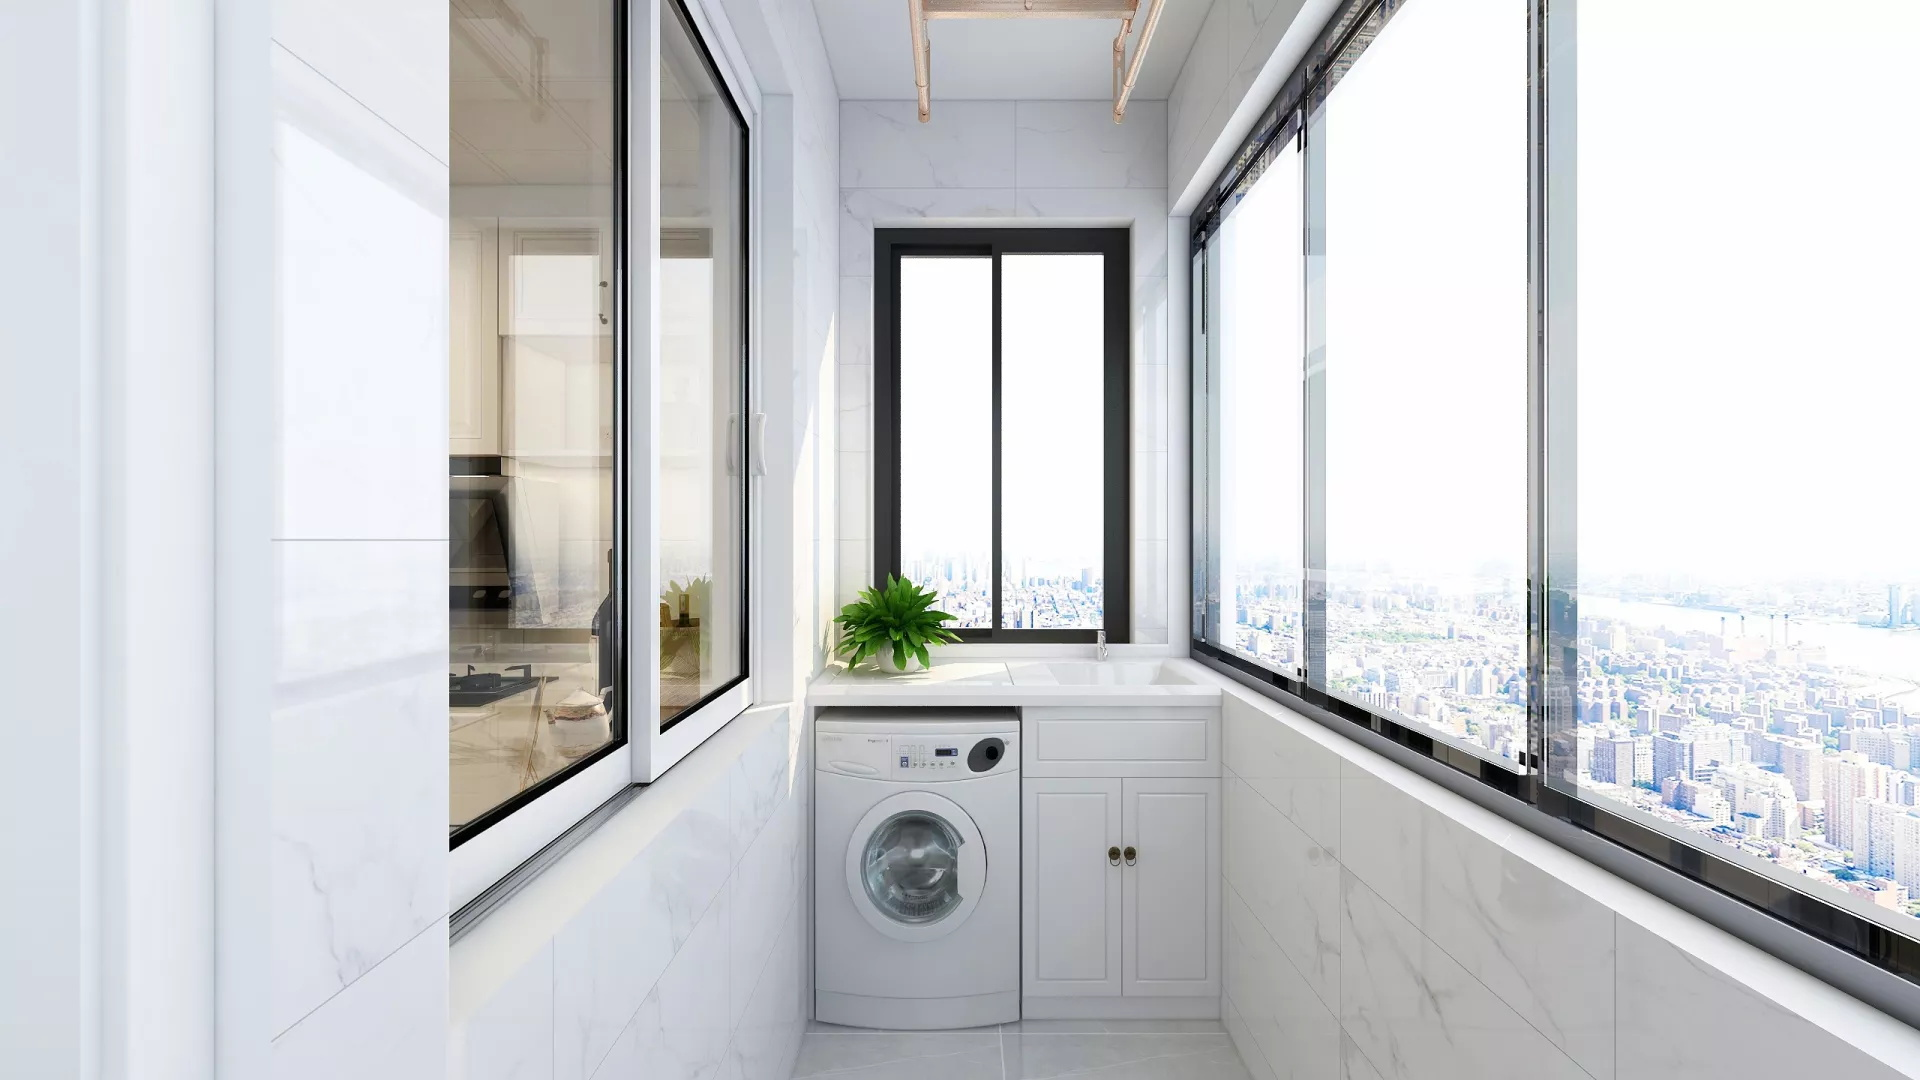 沐浴房怎么选购 沐浴房的选购技巧分享